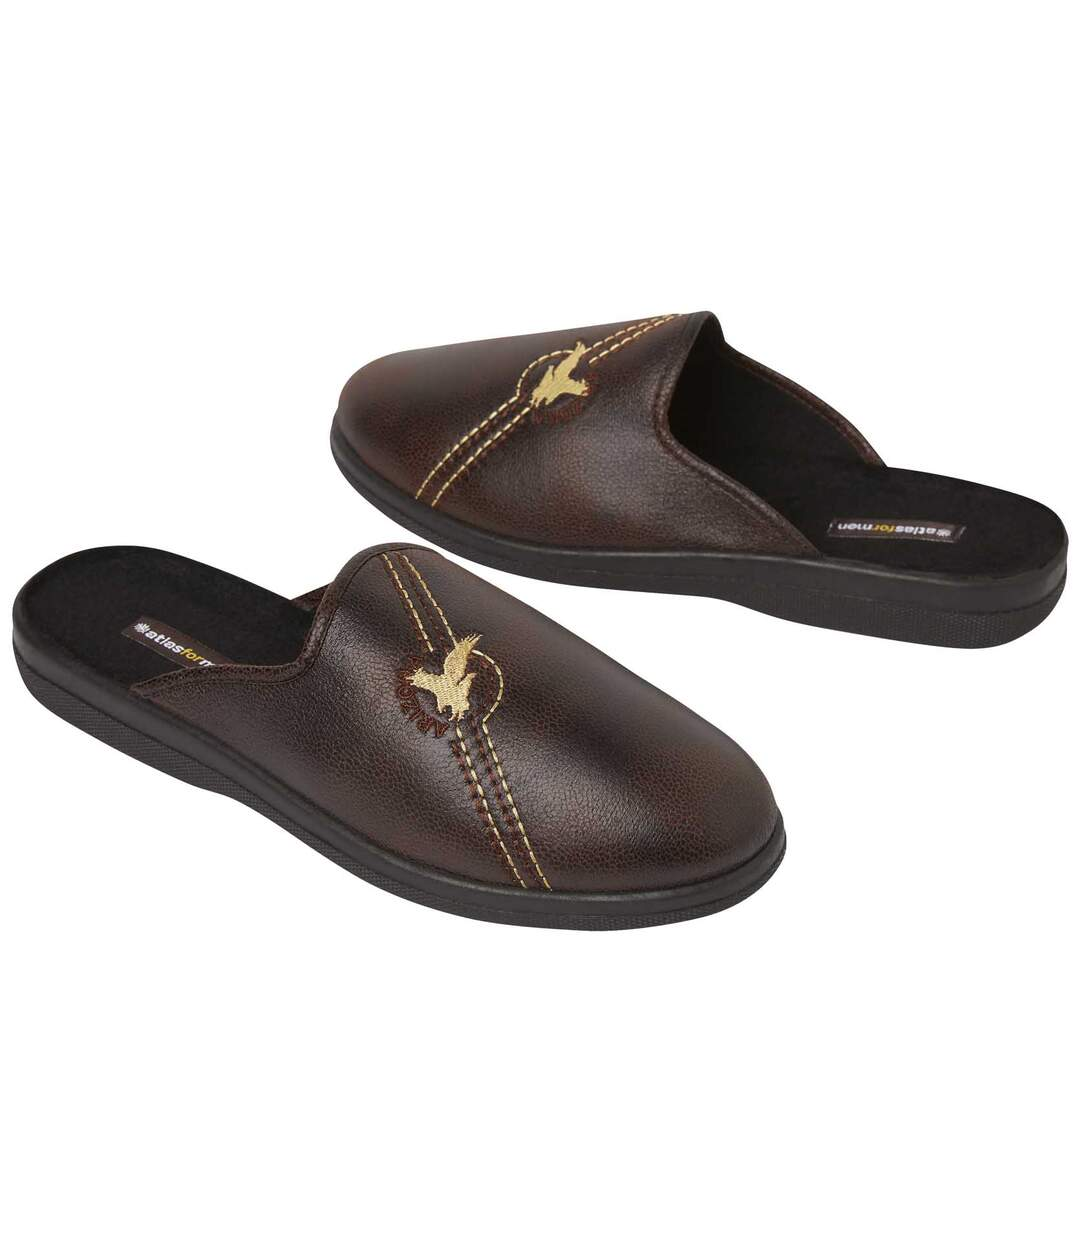 Pantofle zumělého semiše zateplené fleecem